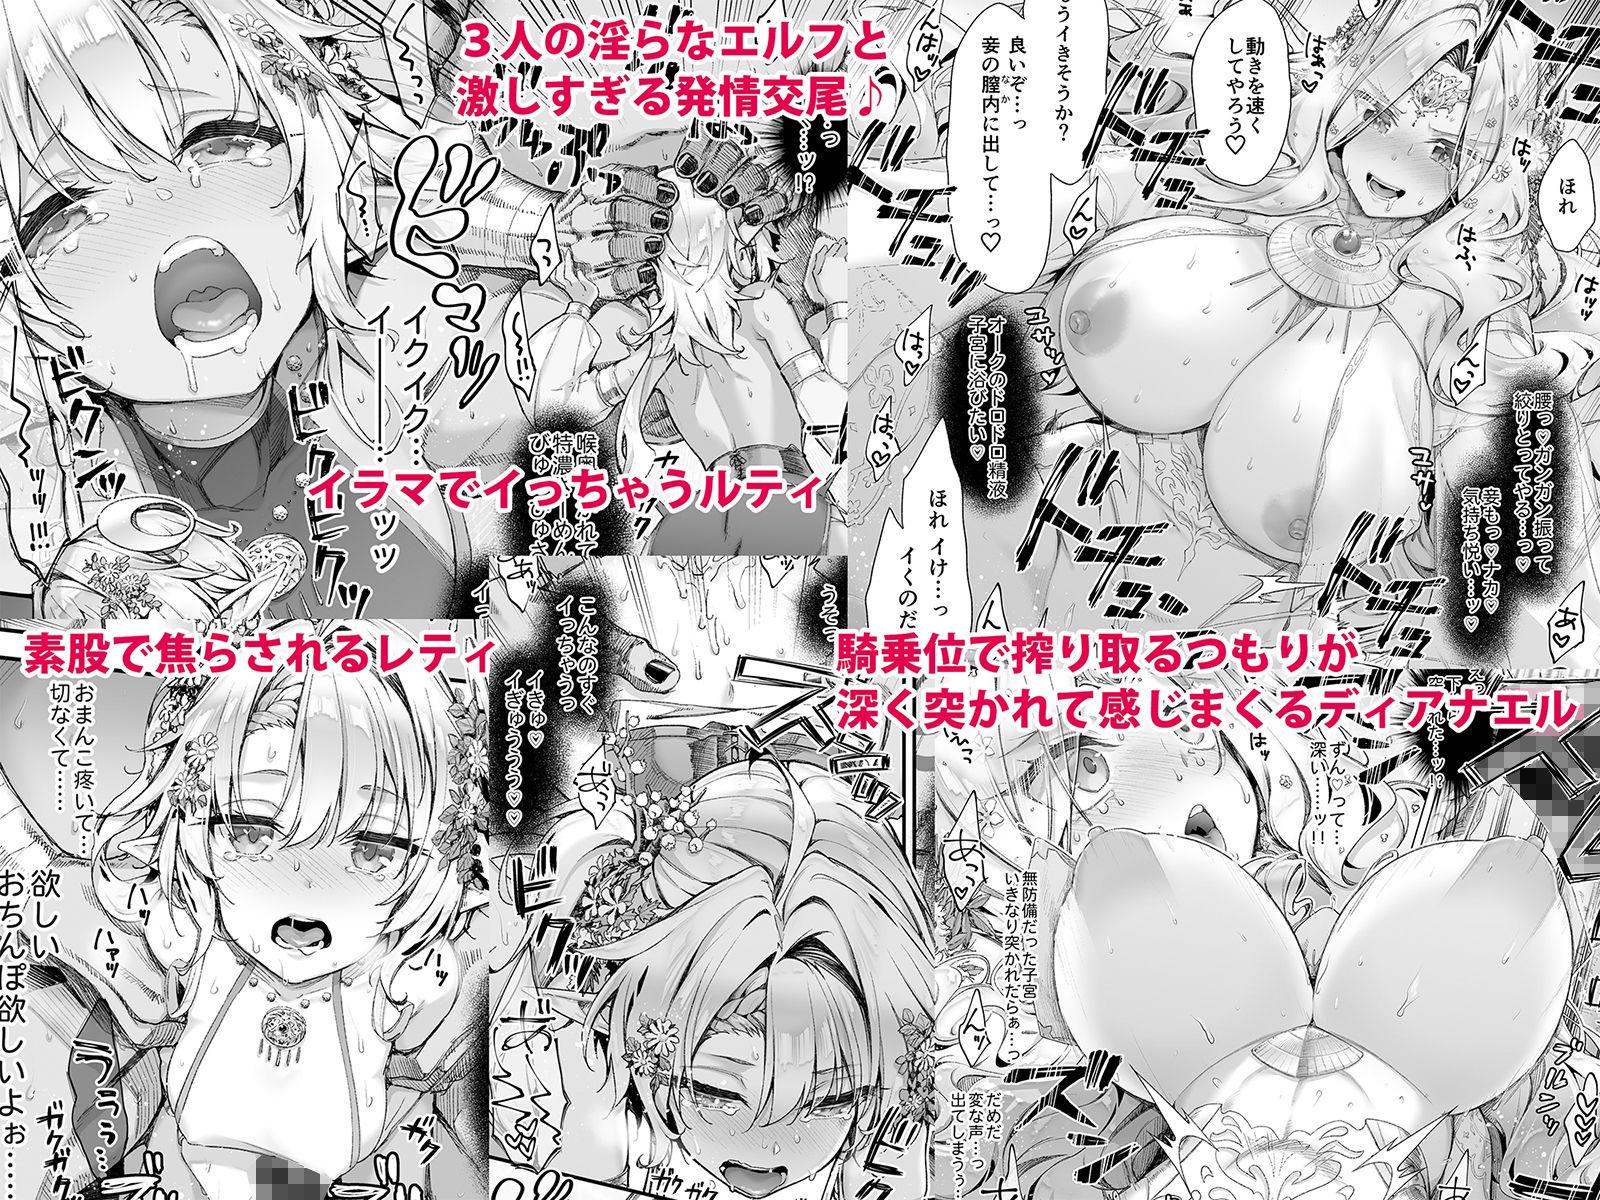 【エロ漫画】おいでよ!淫らなエルフの森 淫乱な巨乳エルフ達と5PハーレムH!「サークル:一ノ瀬ランド」【同人誌・コミック】#2